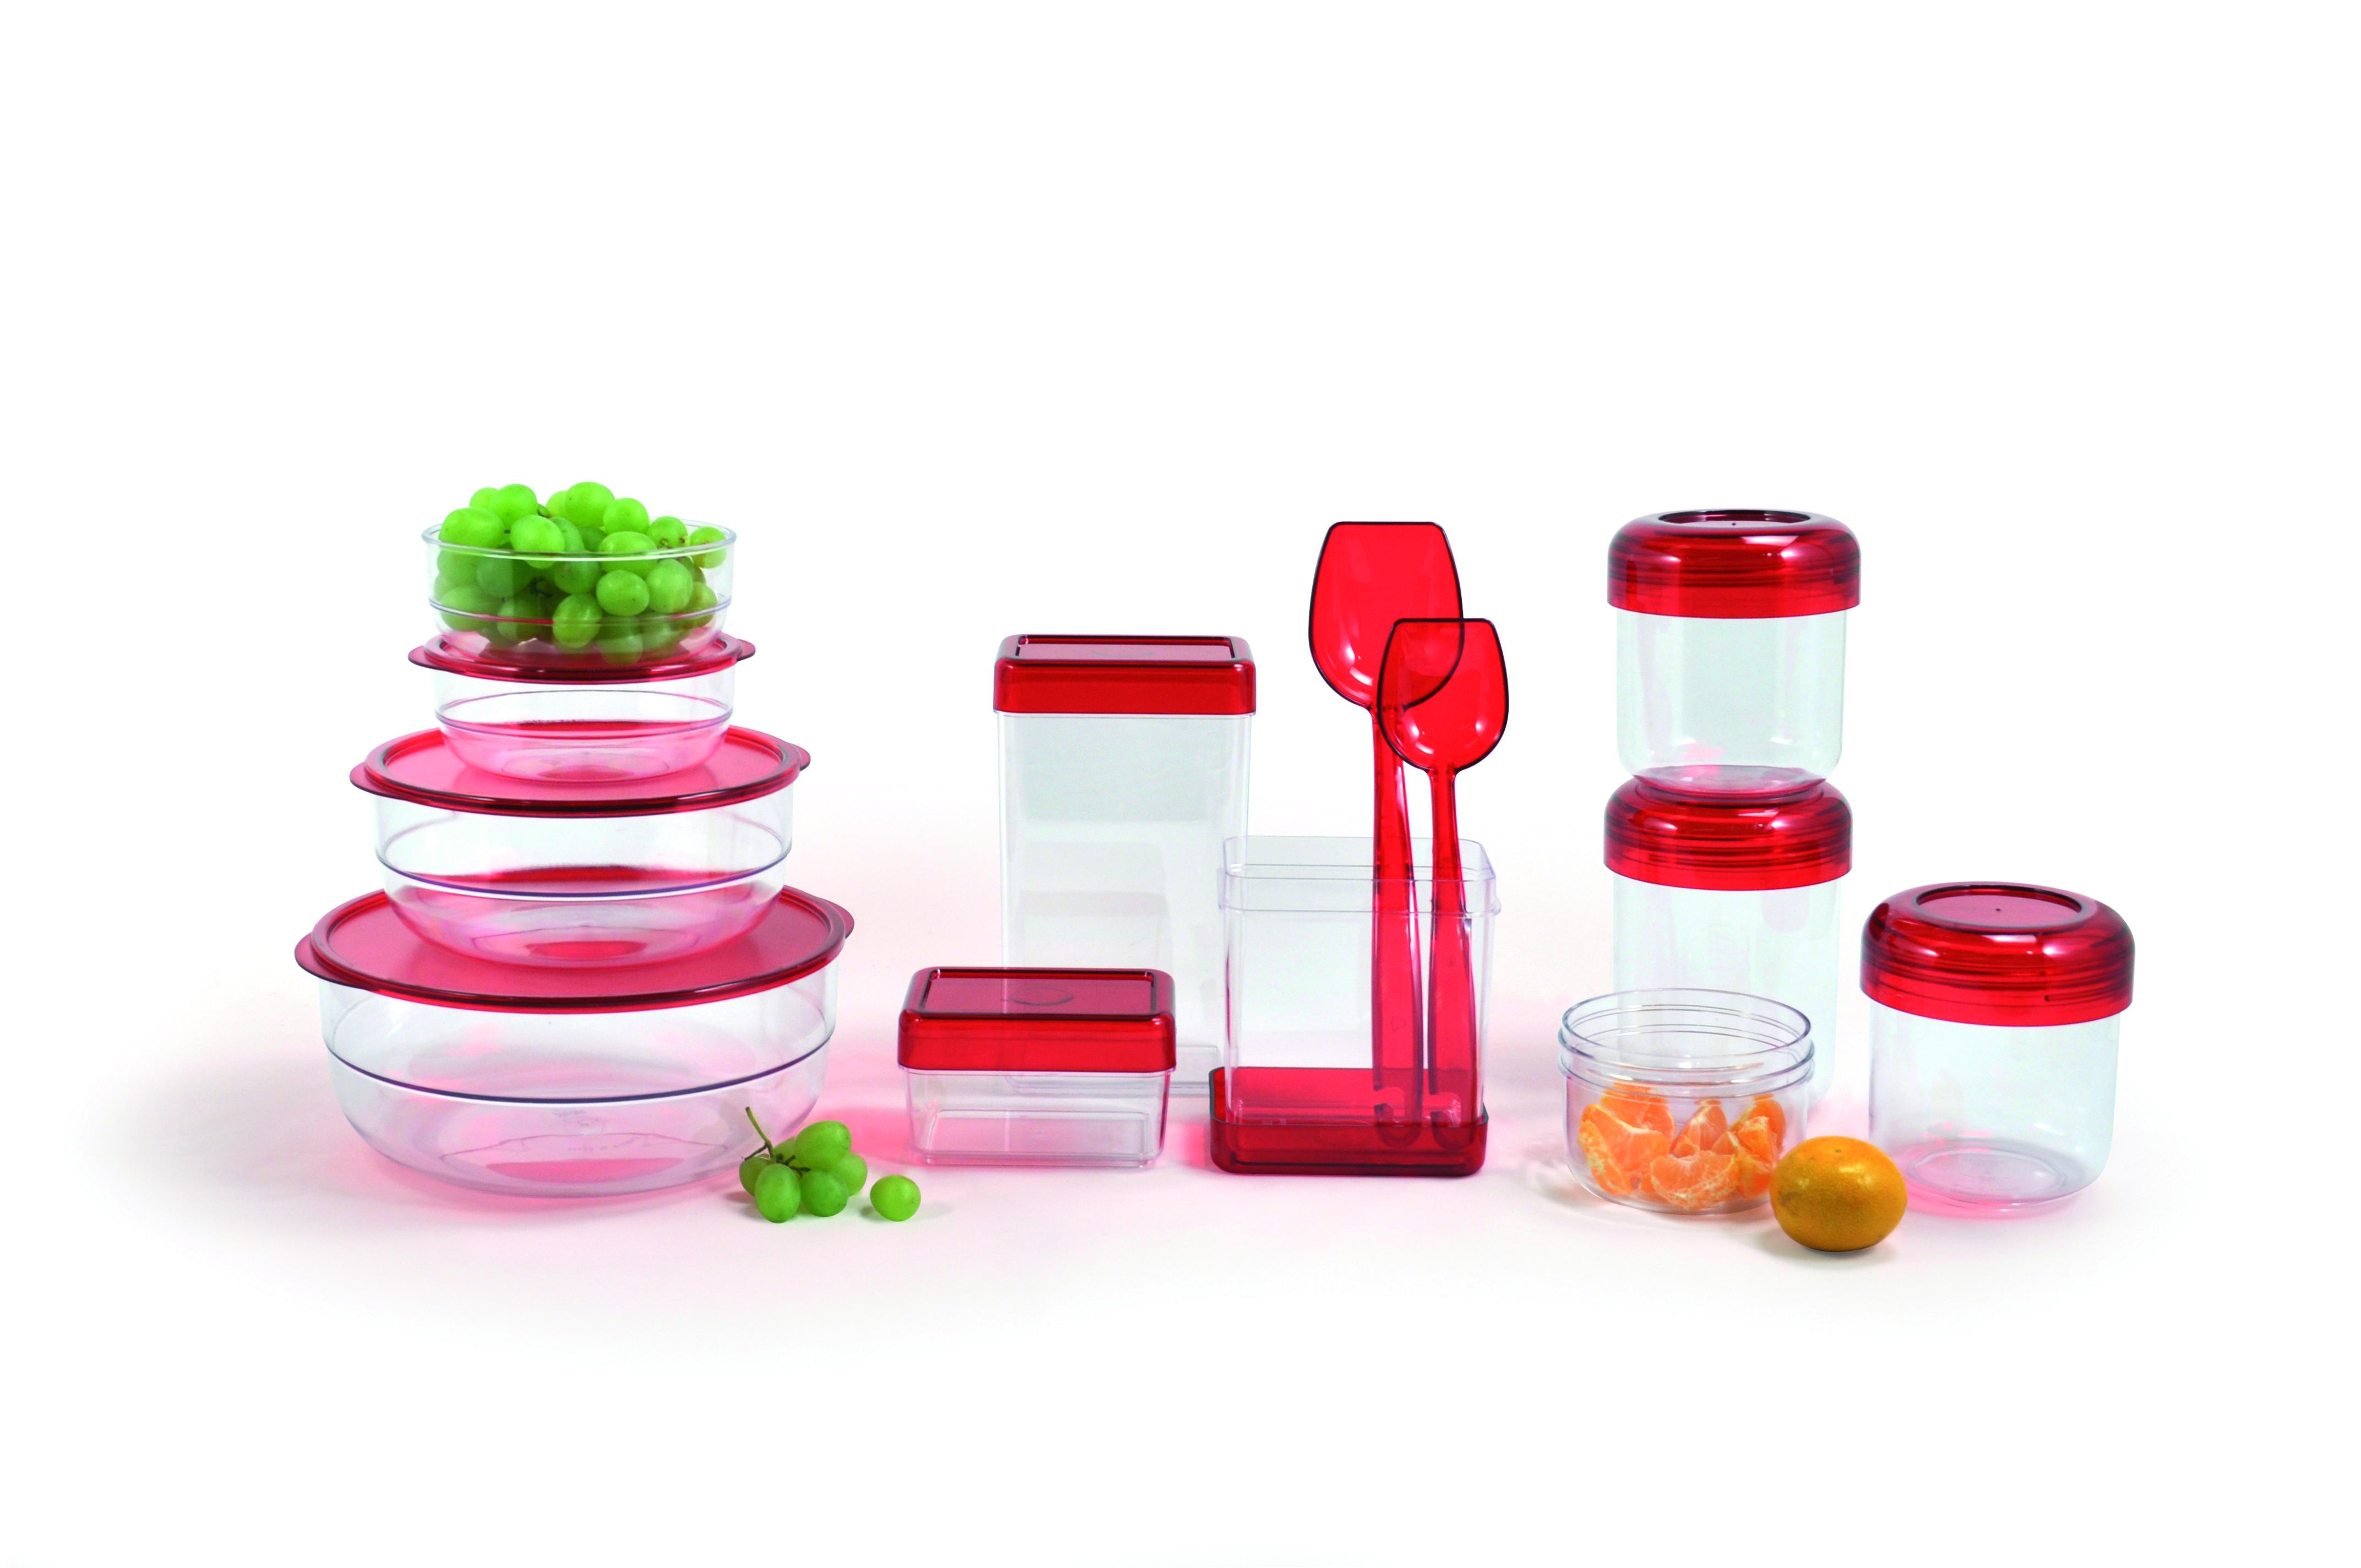 Monikäyttöiset ja turvalliset Plastexin kattaustuotteet sopivat erinomaisesti joulupöytään! Valmistettu Suomessa Kitchen products in wide range available at Plastex.